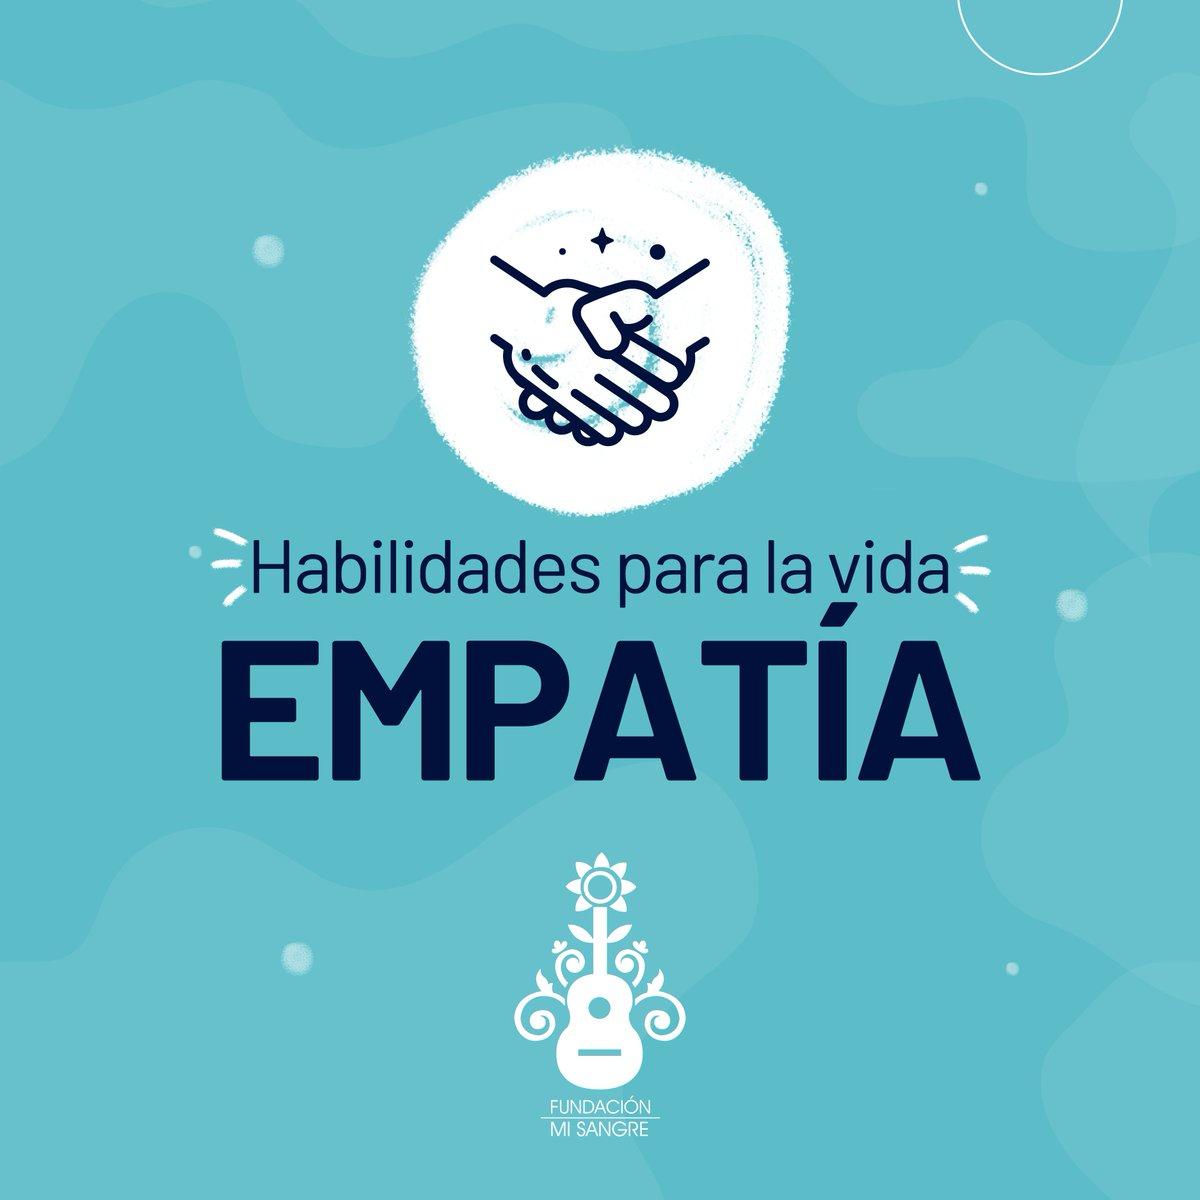 El poder de la empatía: ponerse en los zapatos del otro. Esta es una de las habilidades para la vida que fortalecemos día a día desde nuestro equipo de trabajo hasta los participantes de nuestros proyectos.